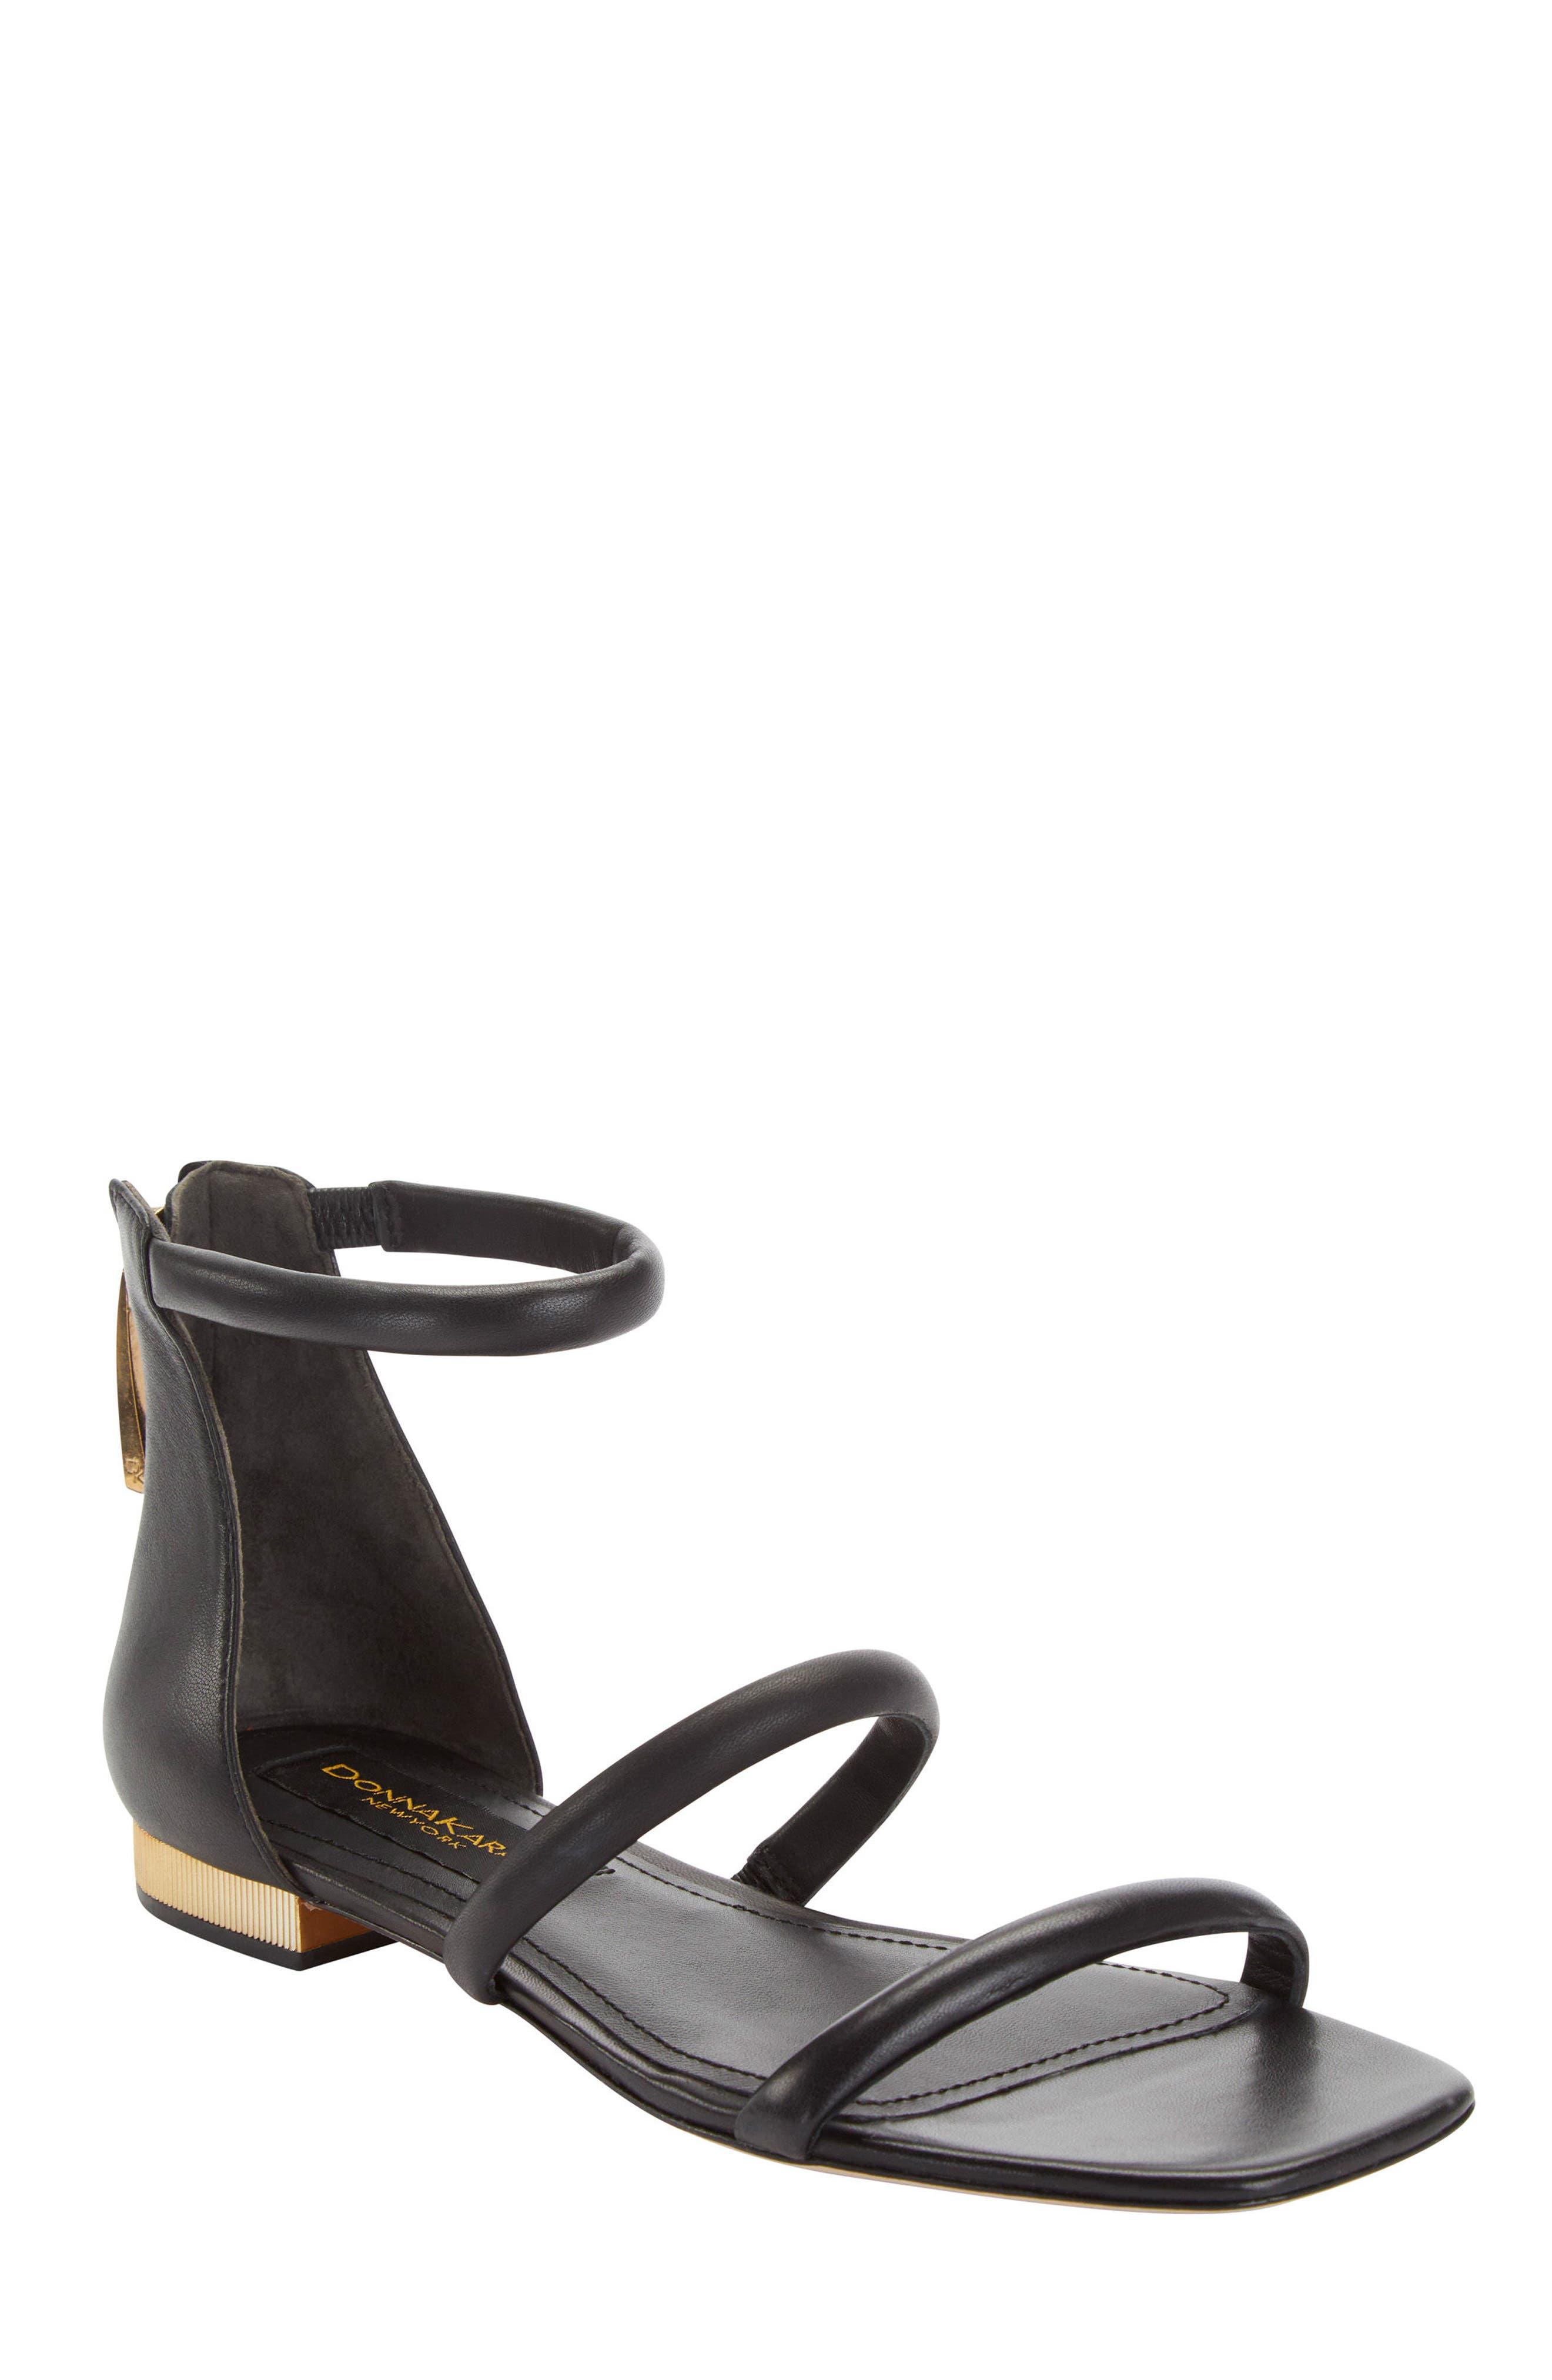 Donna Karan Galina Sandal,                         Main,                         color, BLACK LEATHER